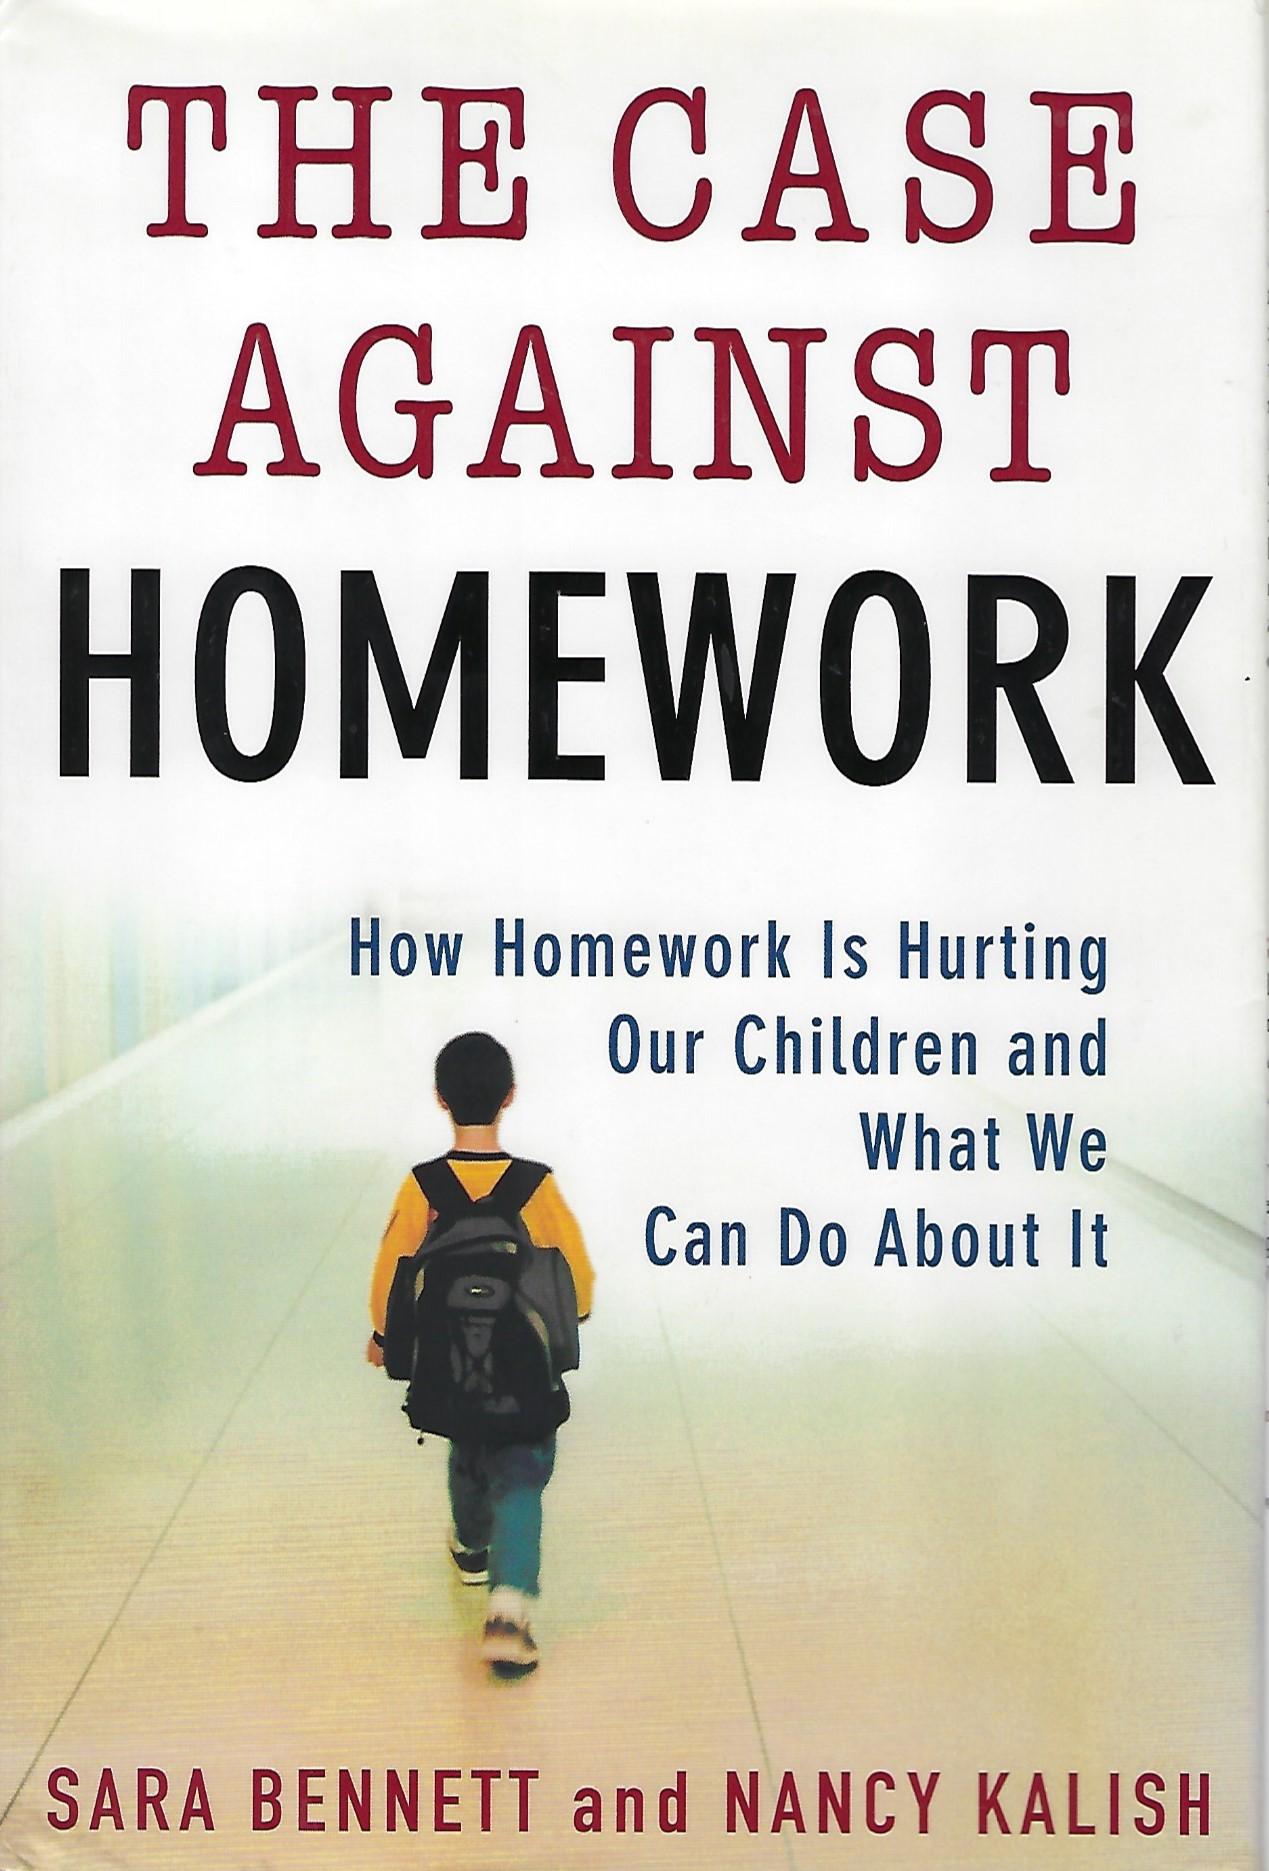 HomeworkCaseAgainst2006